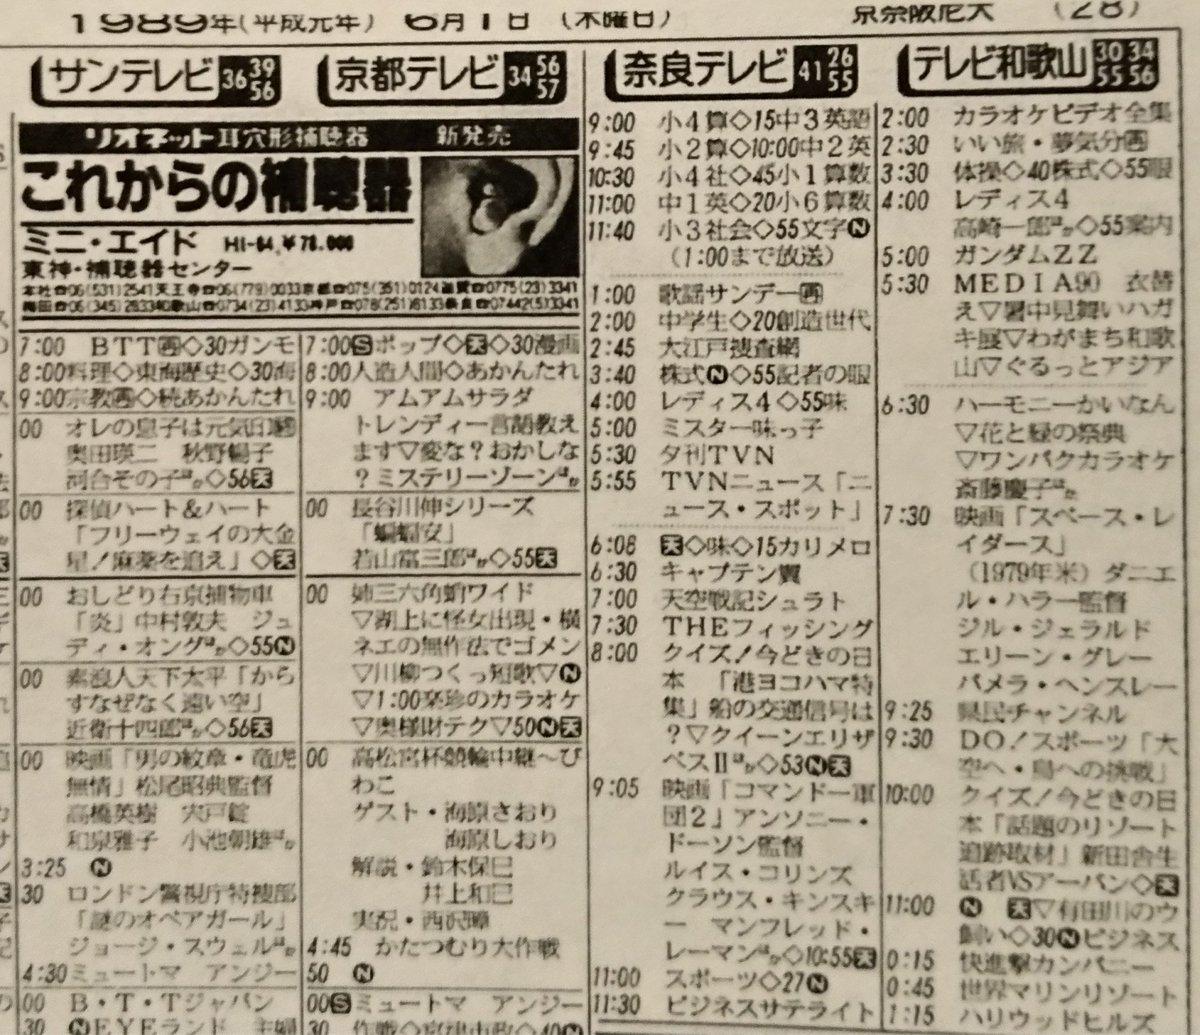 テレビ 欄 奈良